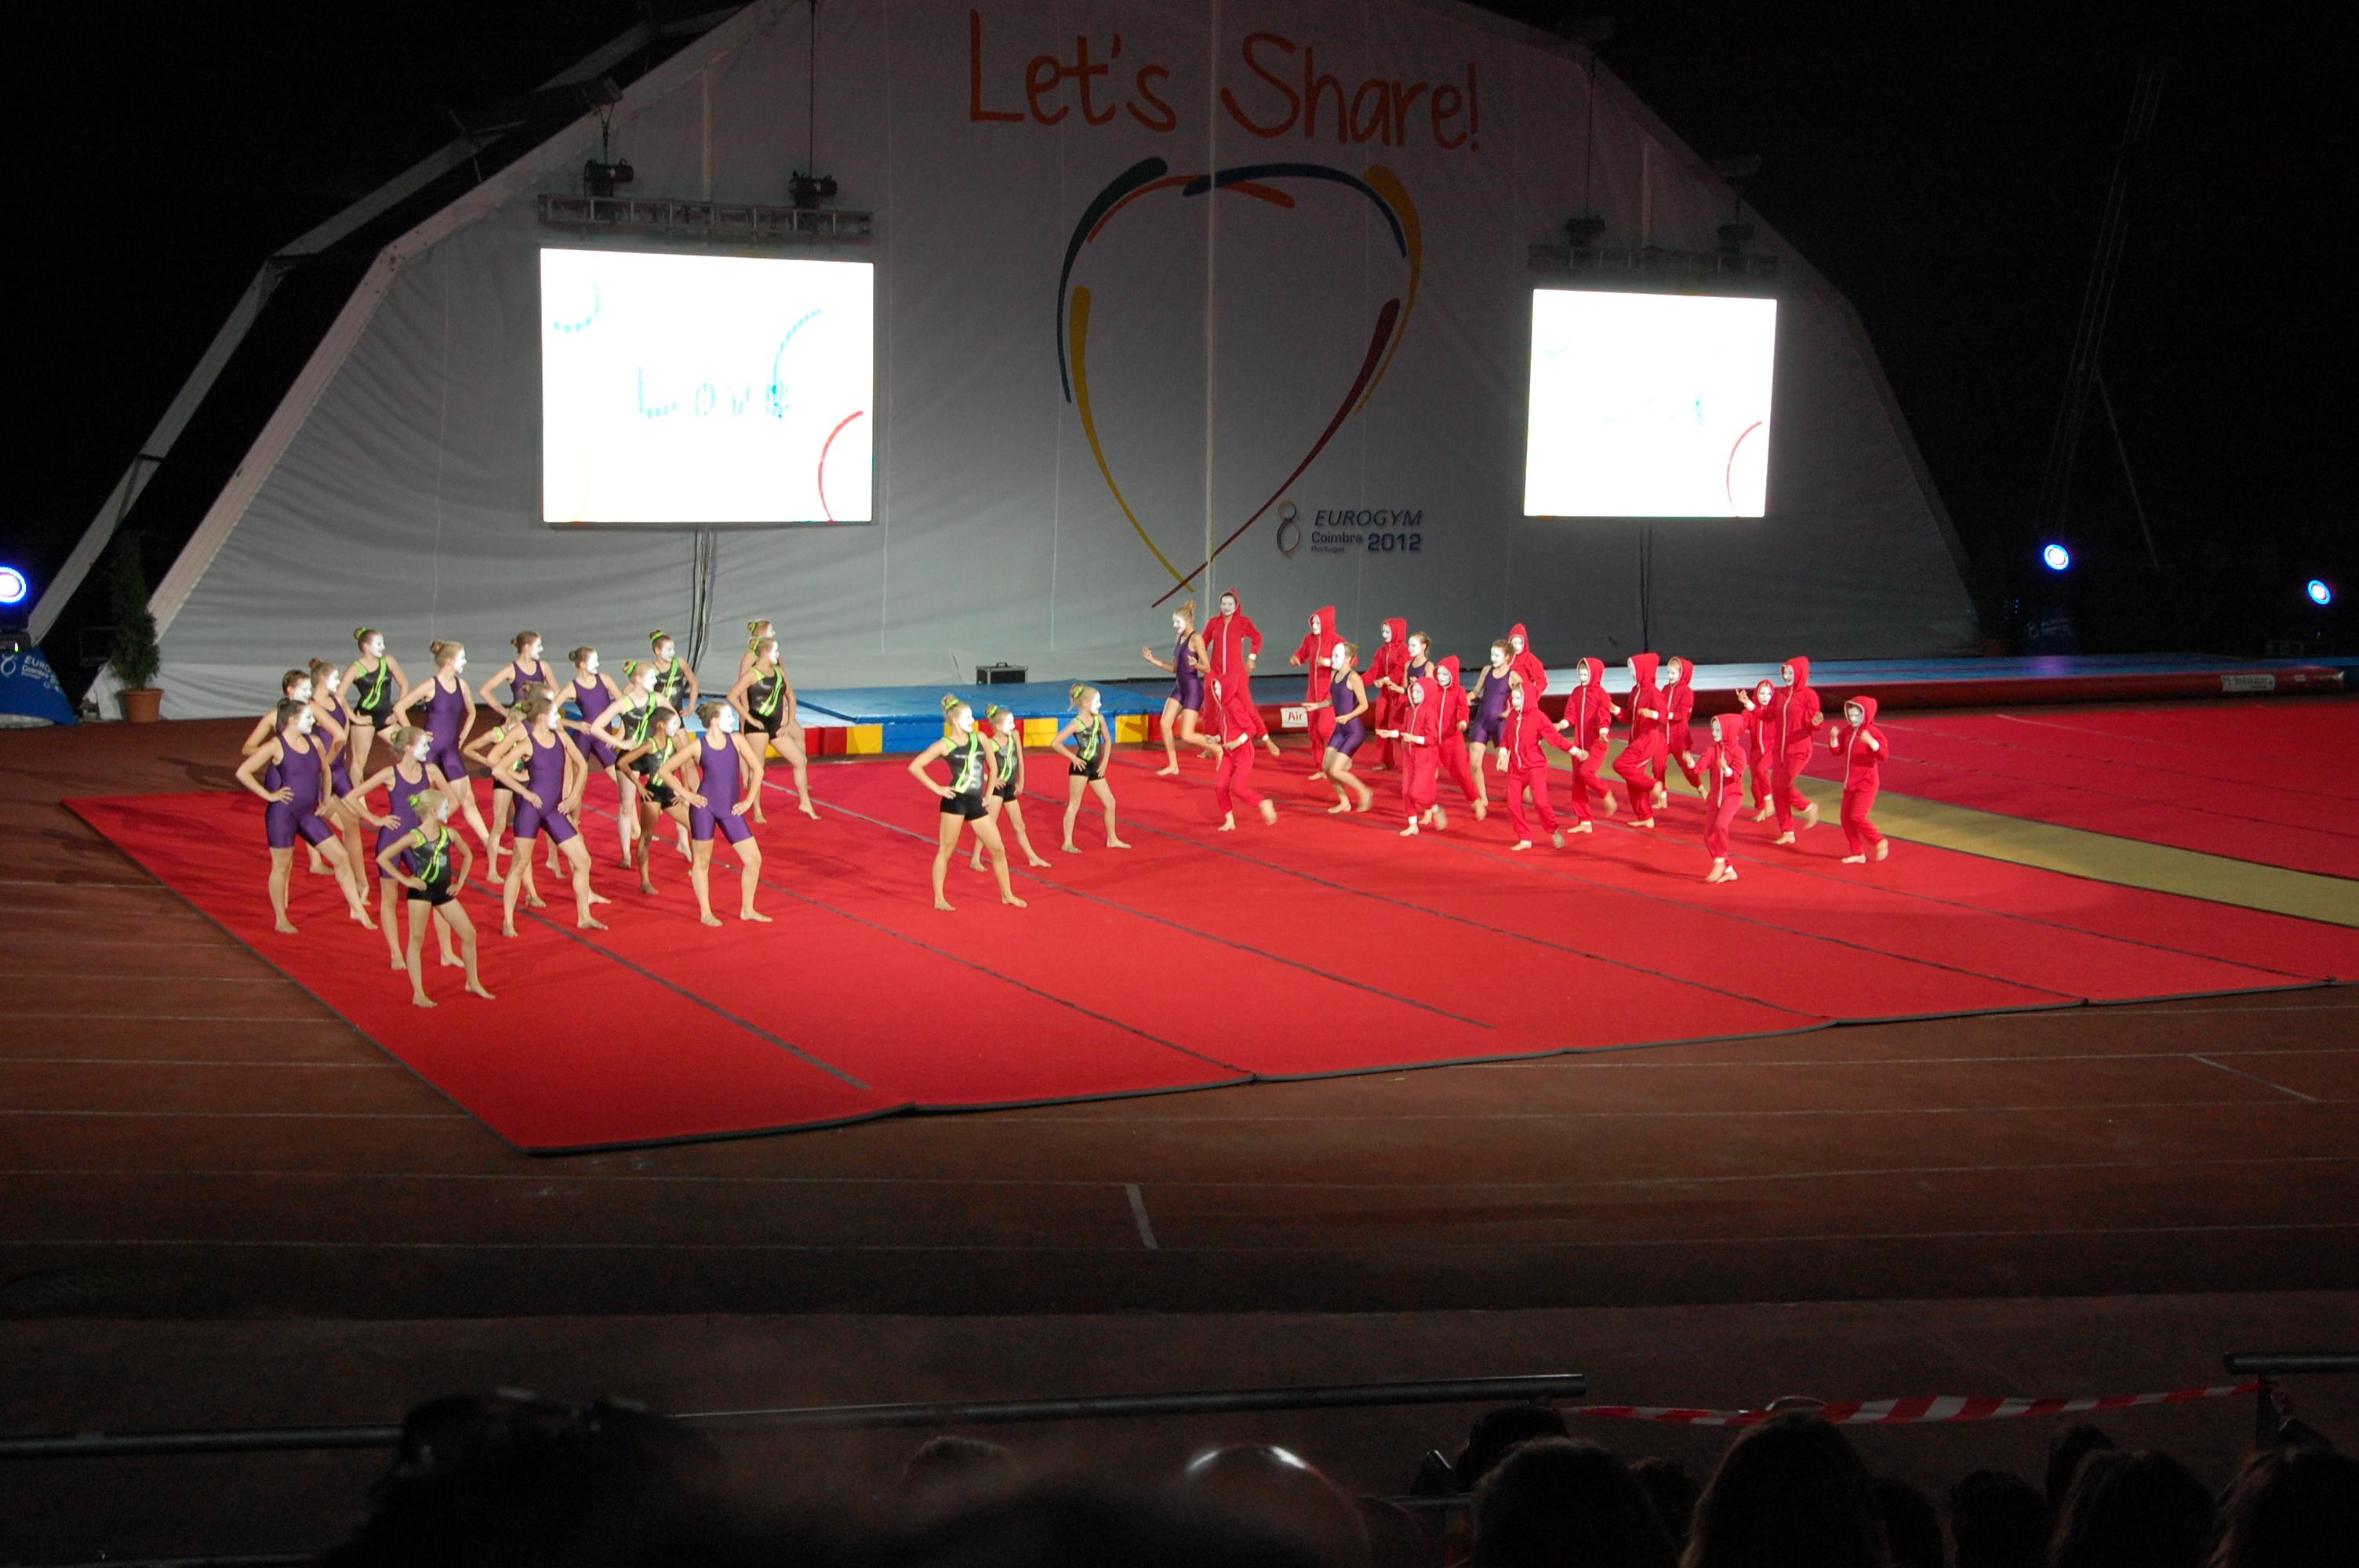 EuroGym2012_38.JPG